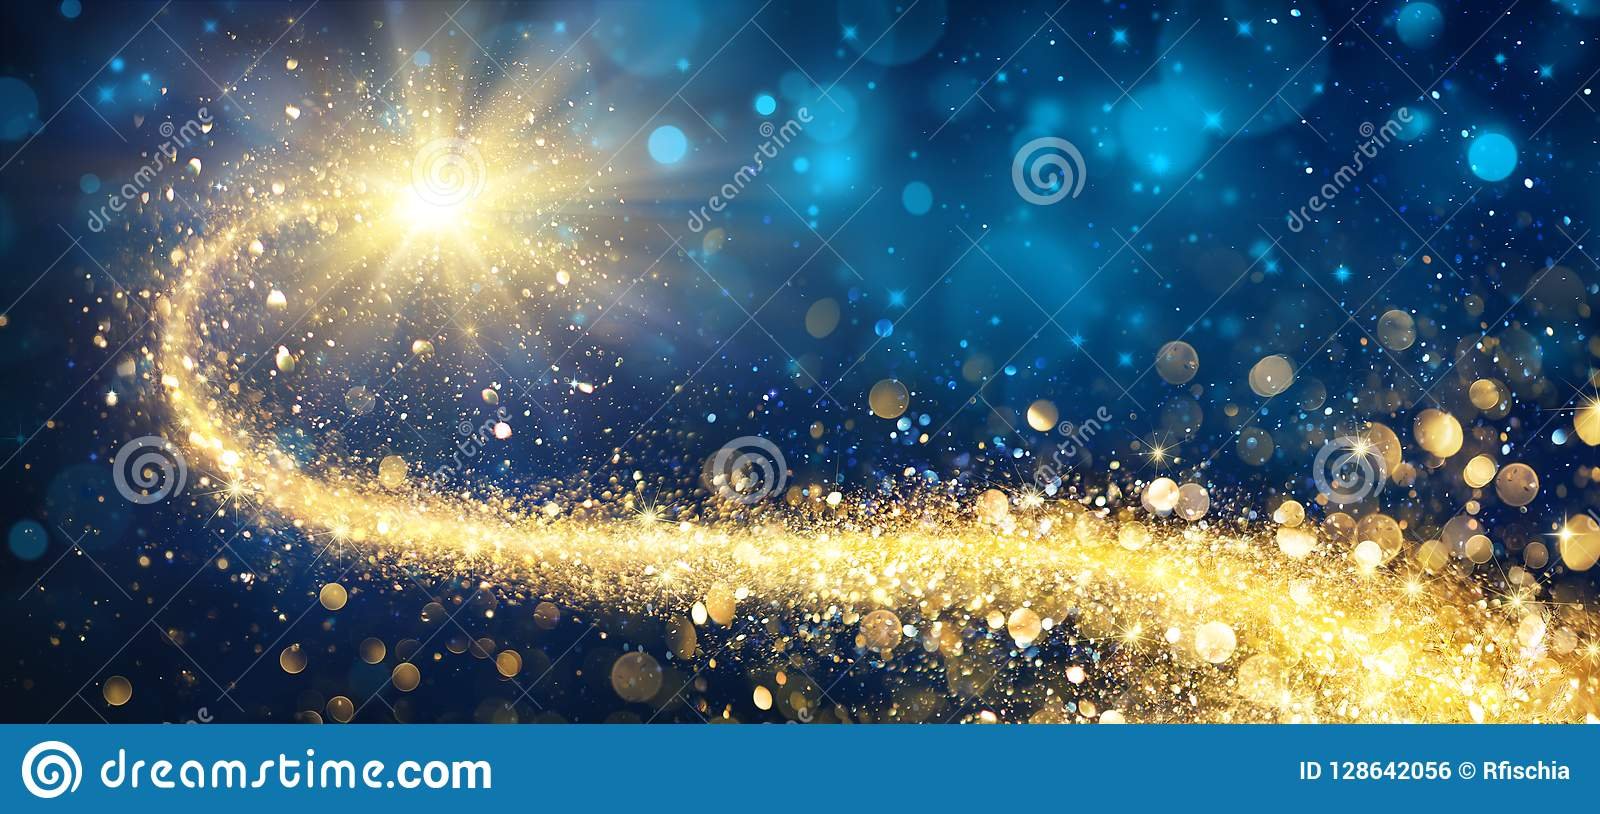 Christmas Golden Star